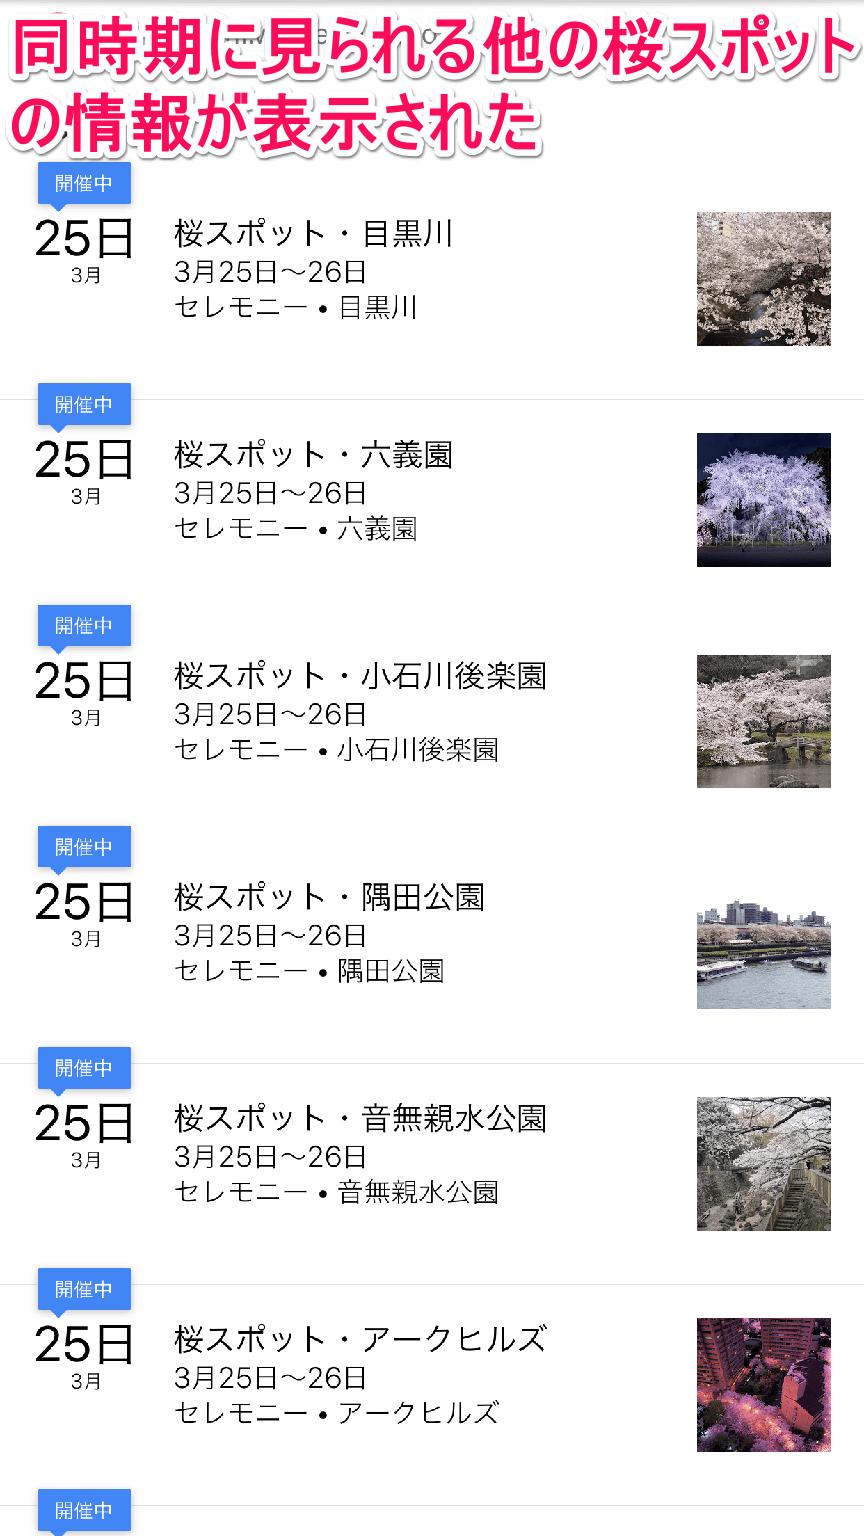 グーグルマップ(Google地図)の桜スポット「関連イベント」画面